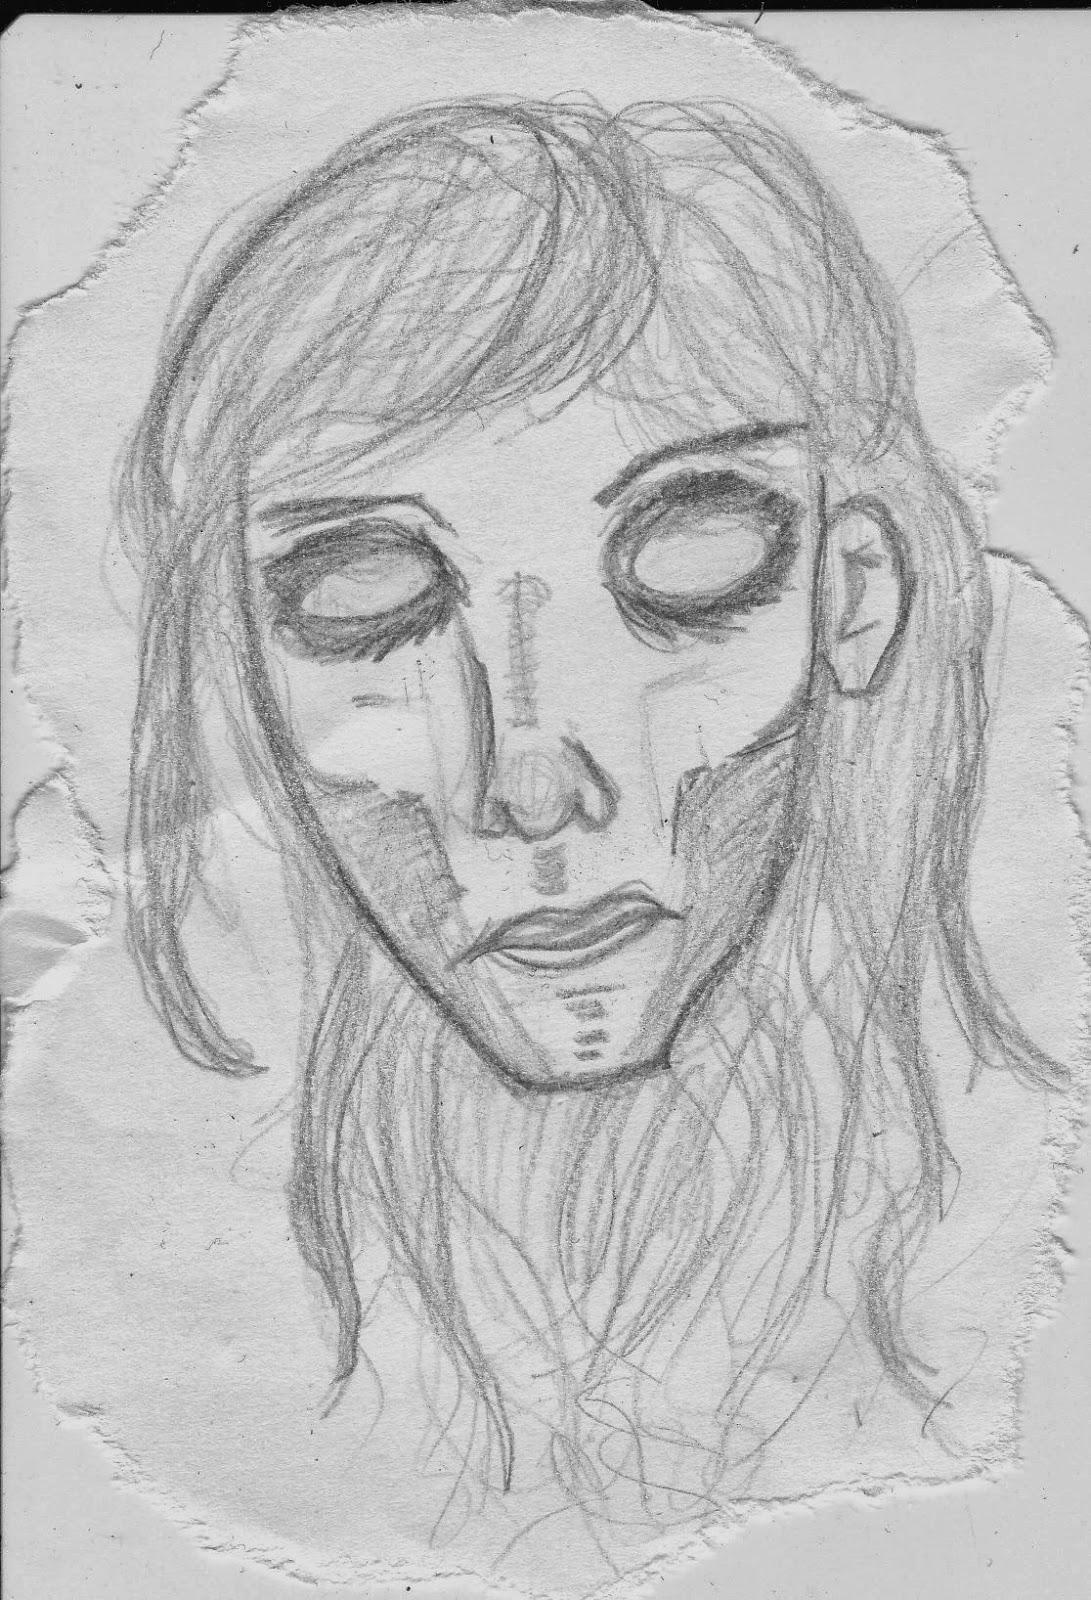 16-årige Nina har aldrig lært at tegne, men tegner som en